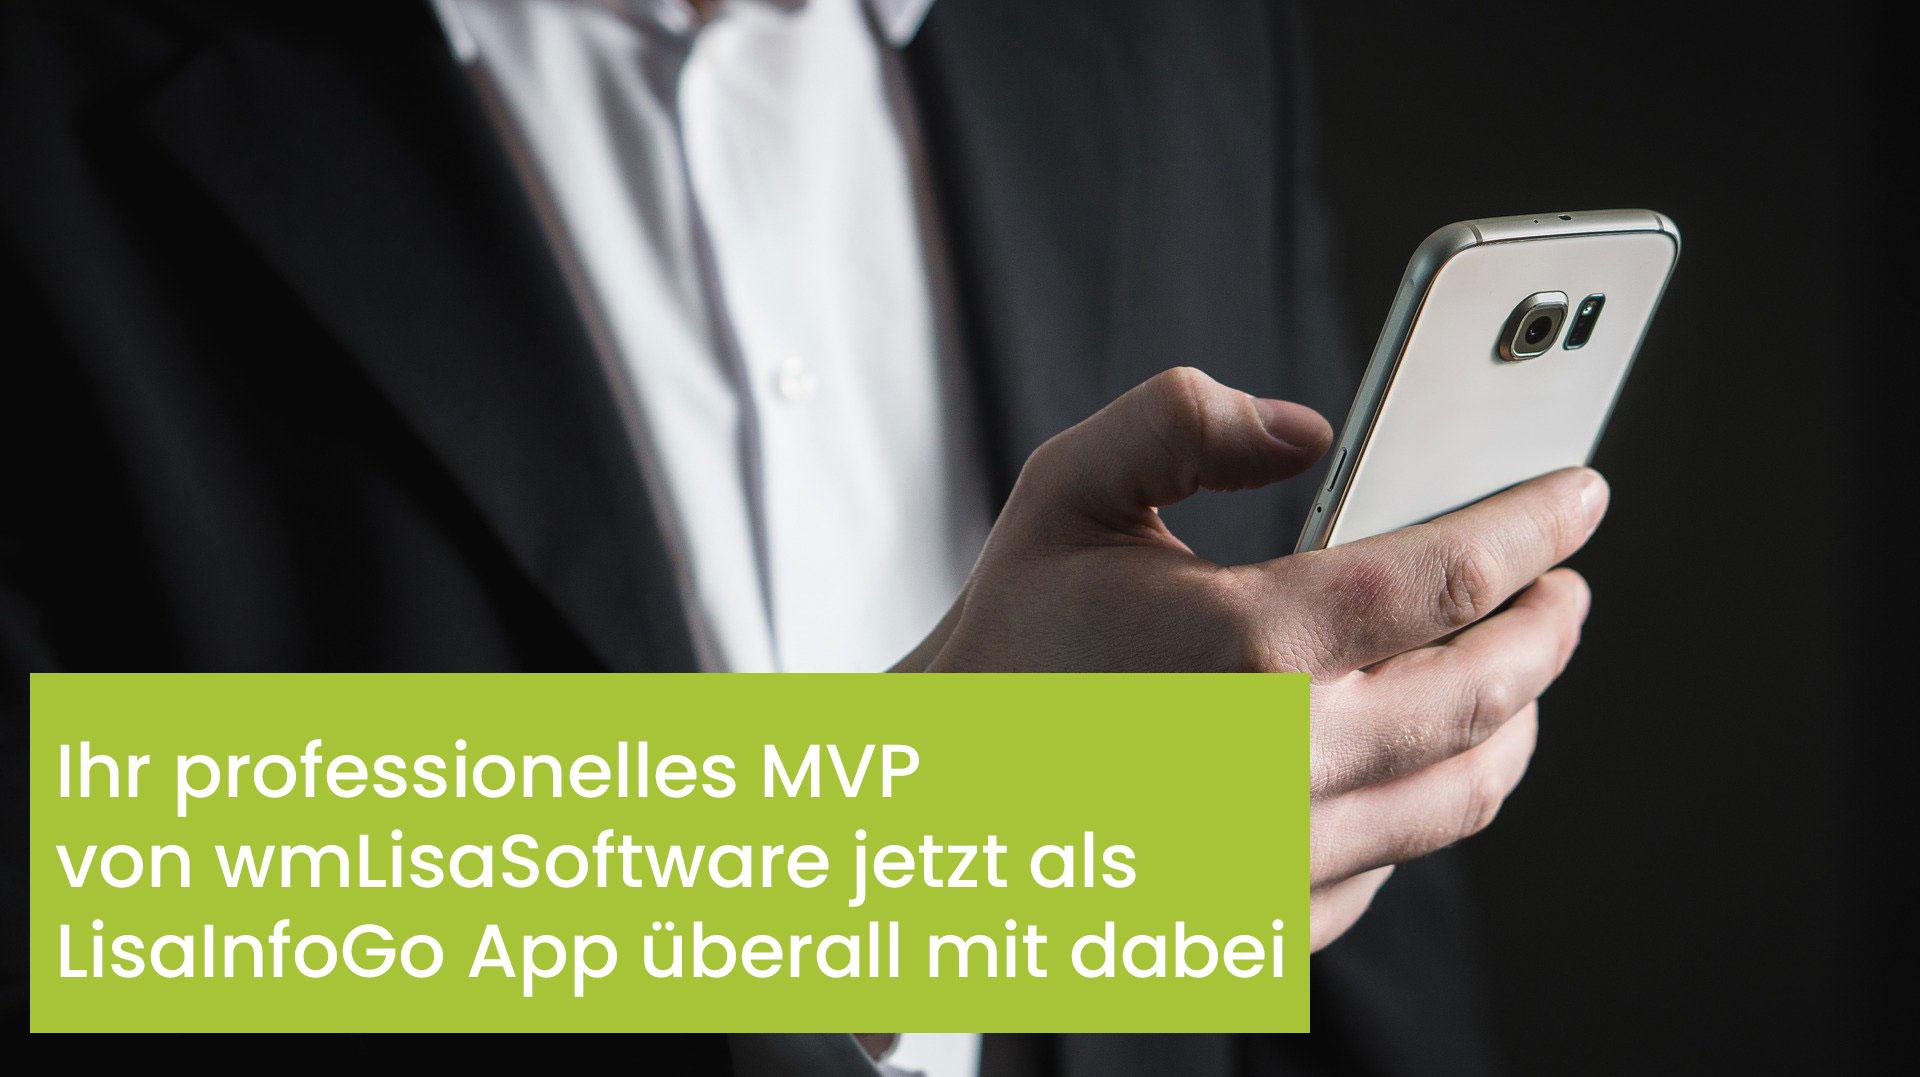 MVP App, Lisa InfoGo, wmLisaSoftware, Maklerverwaltungsprogramm, Software für Versicherungsmakler